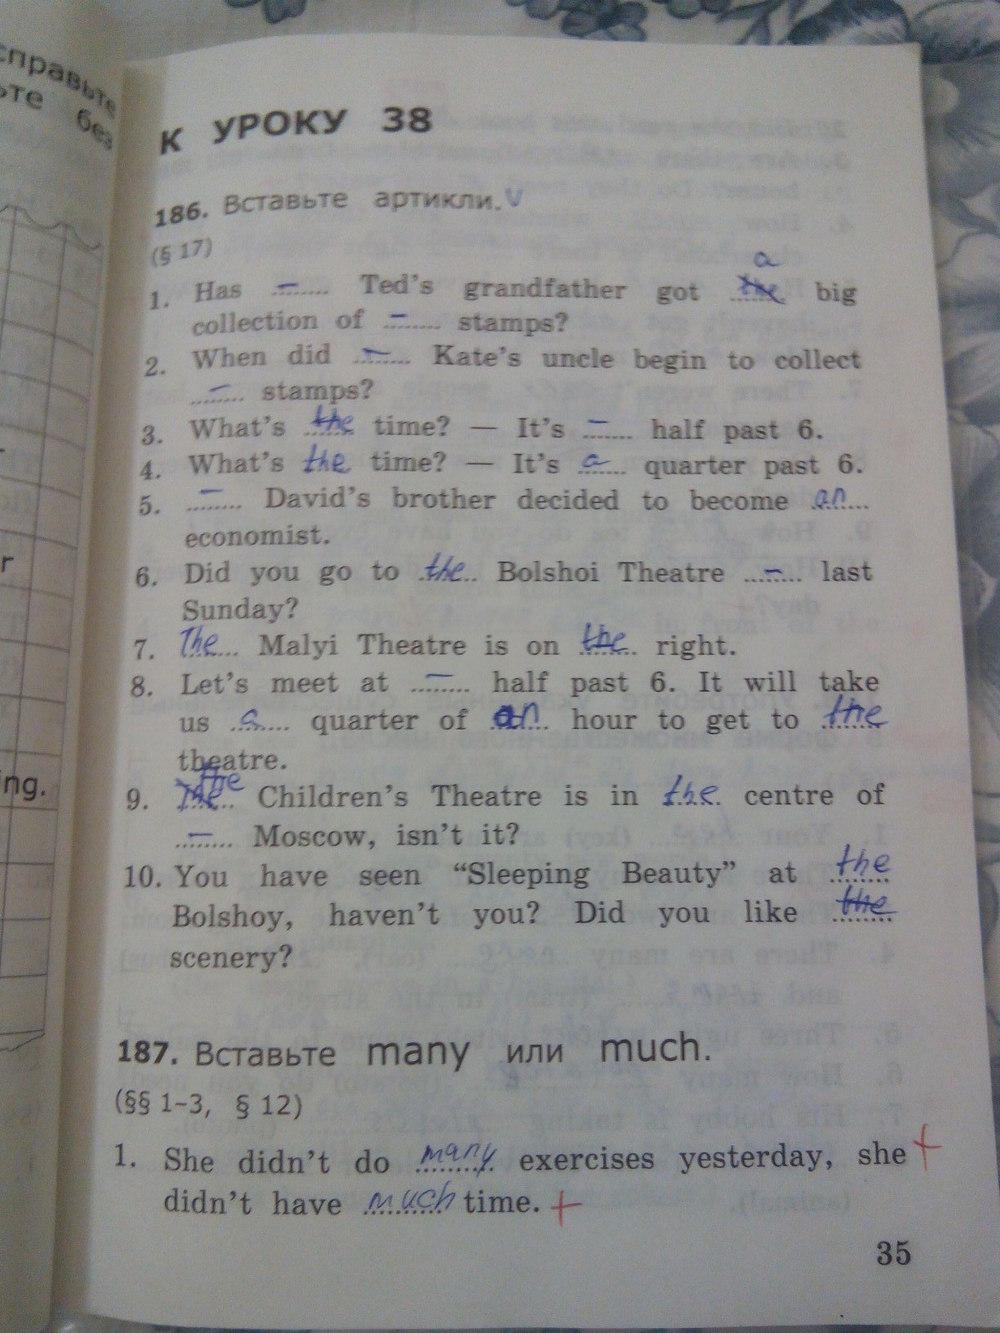 Гдз по английскому языку рабочия тетрадь умк часть 1 4класс барашкова решебник